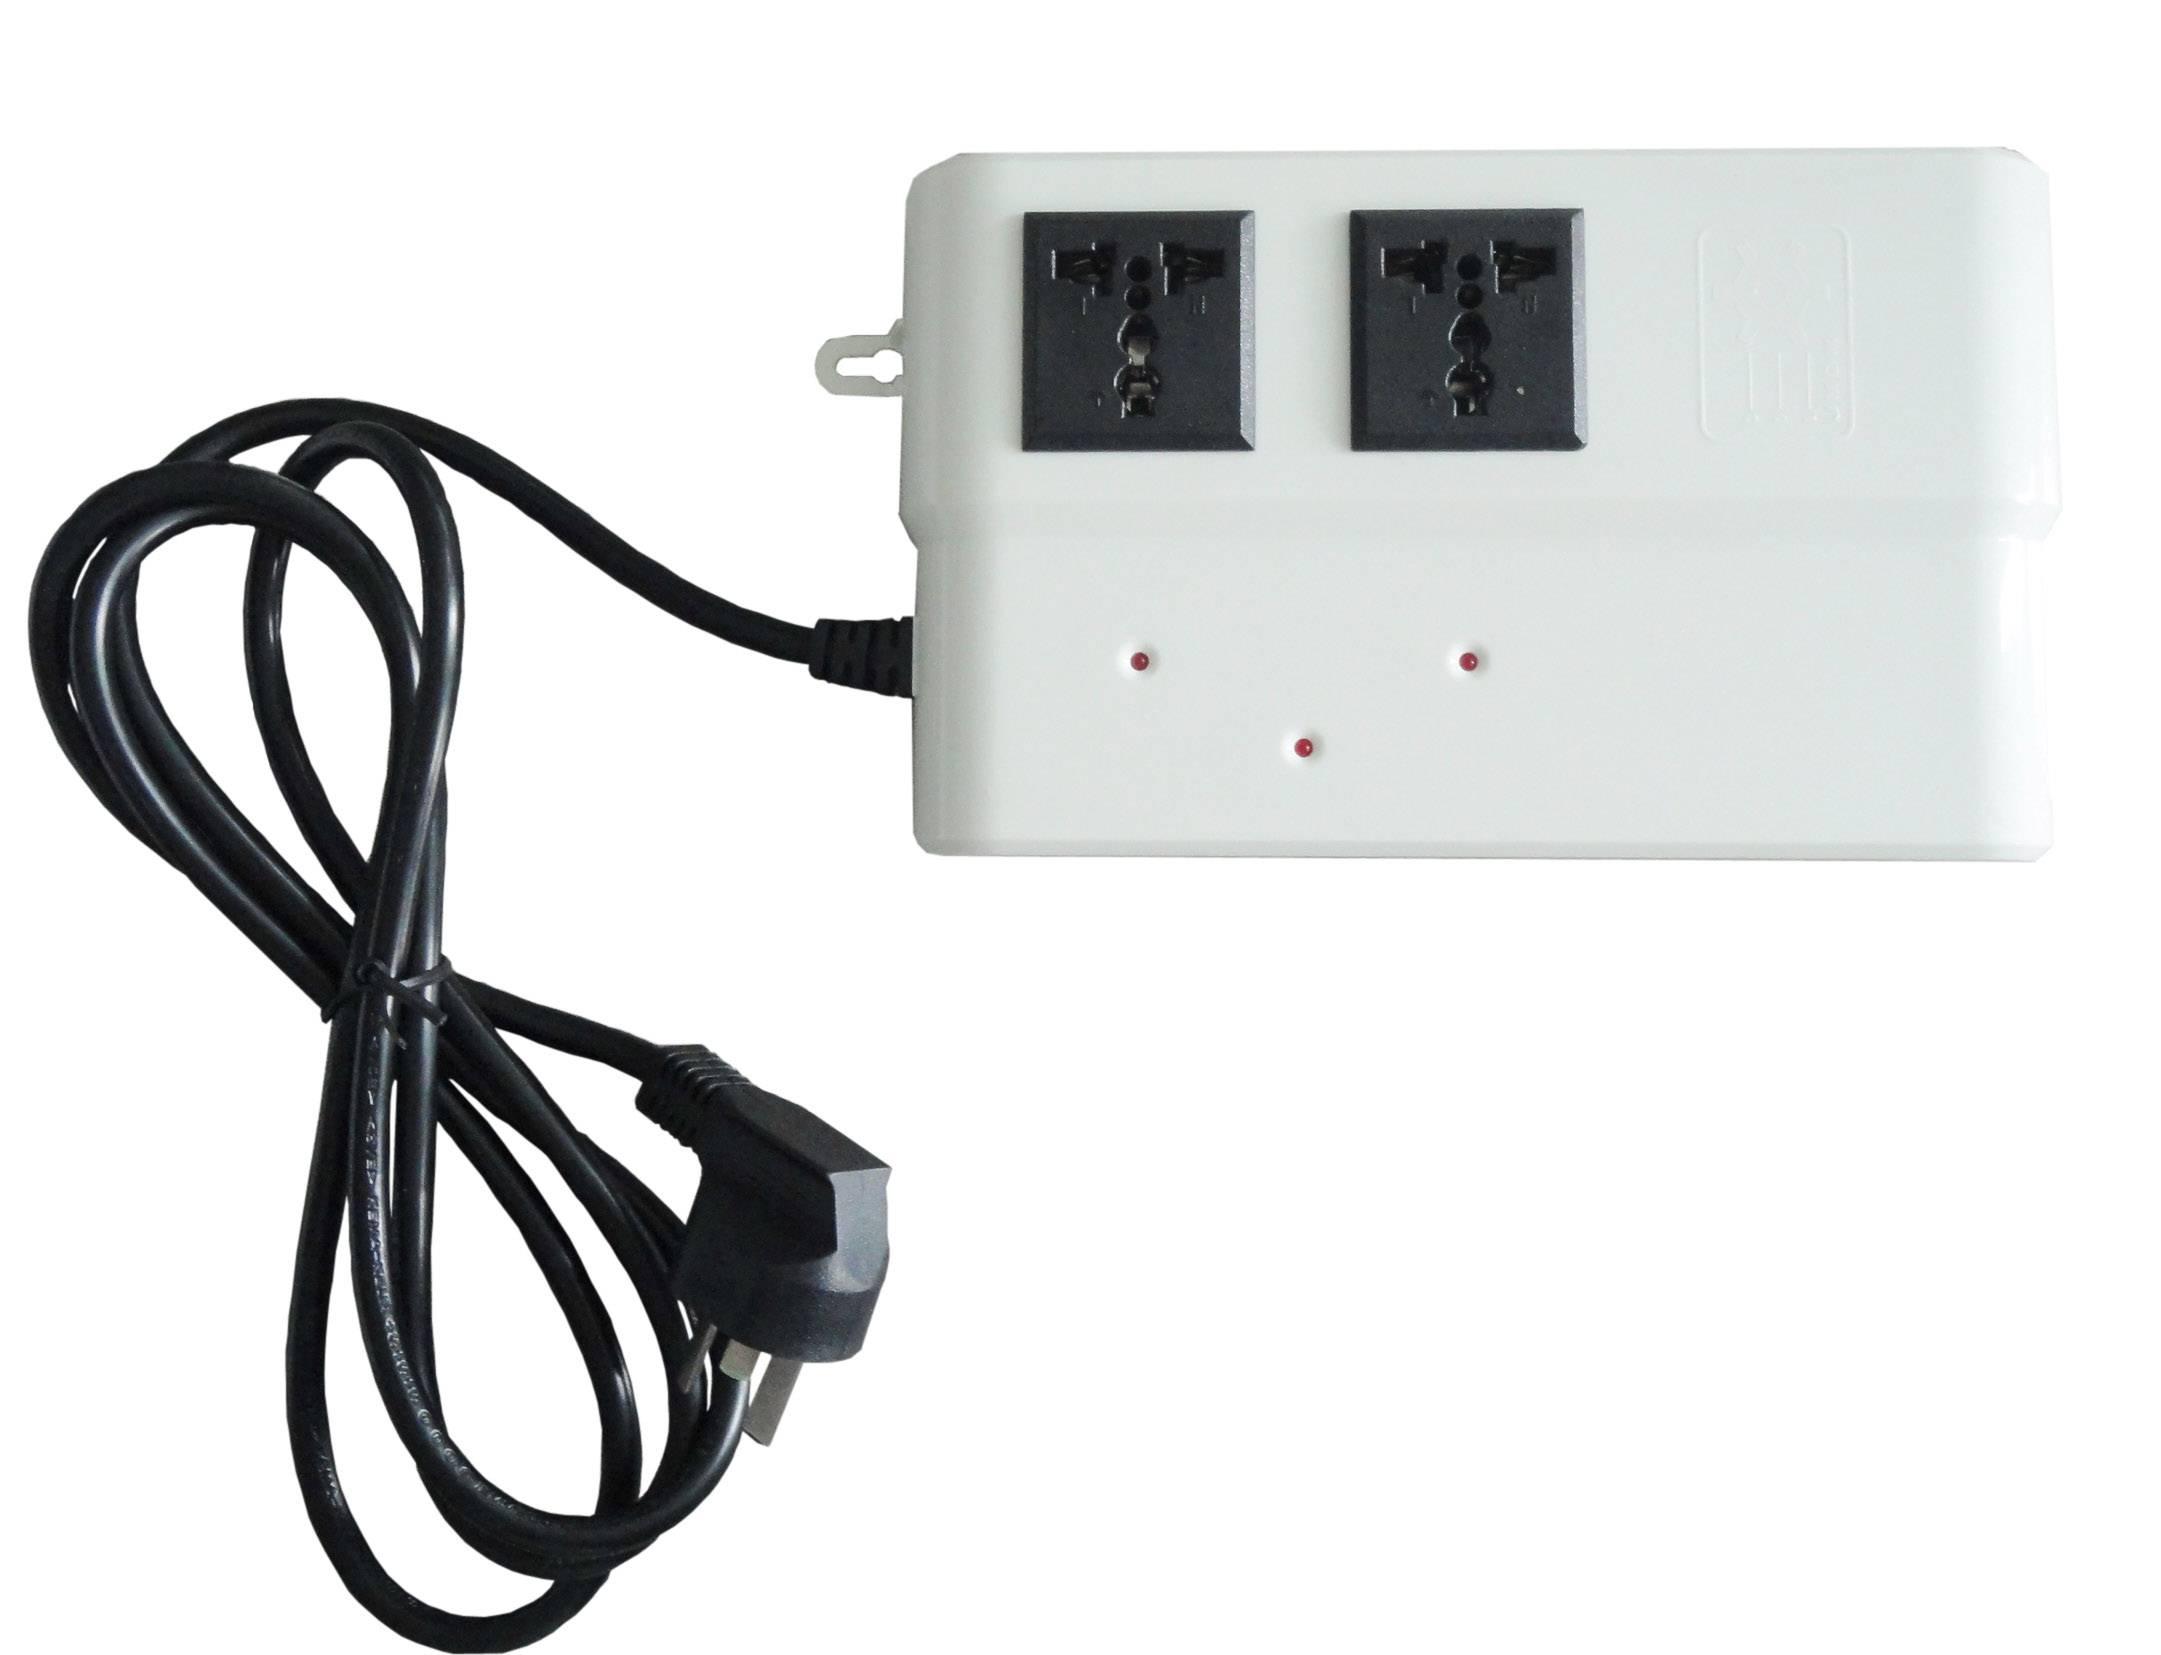 JMDM 2 channels wireless WIFI intelligent socket